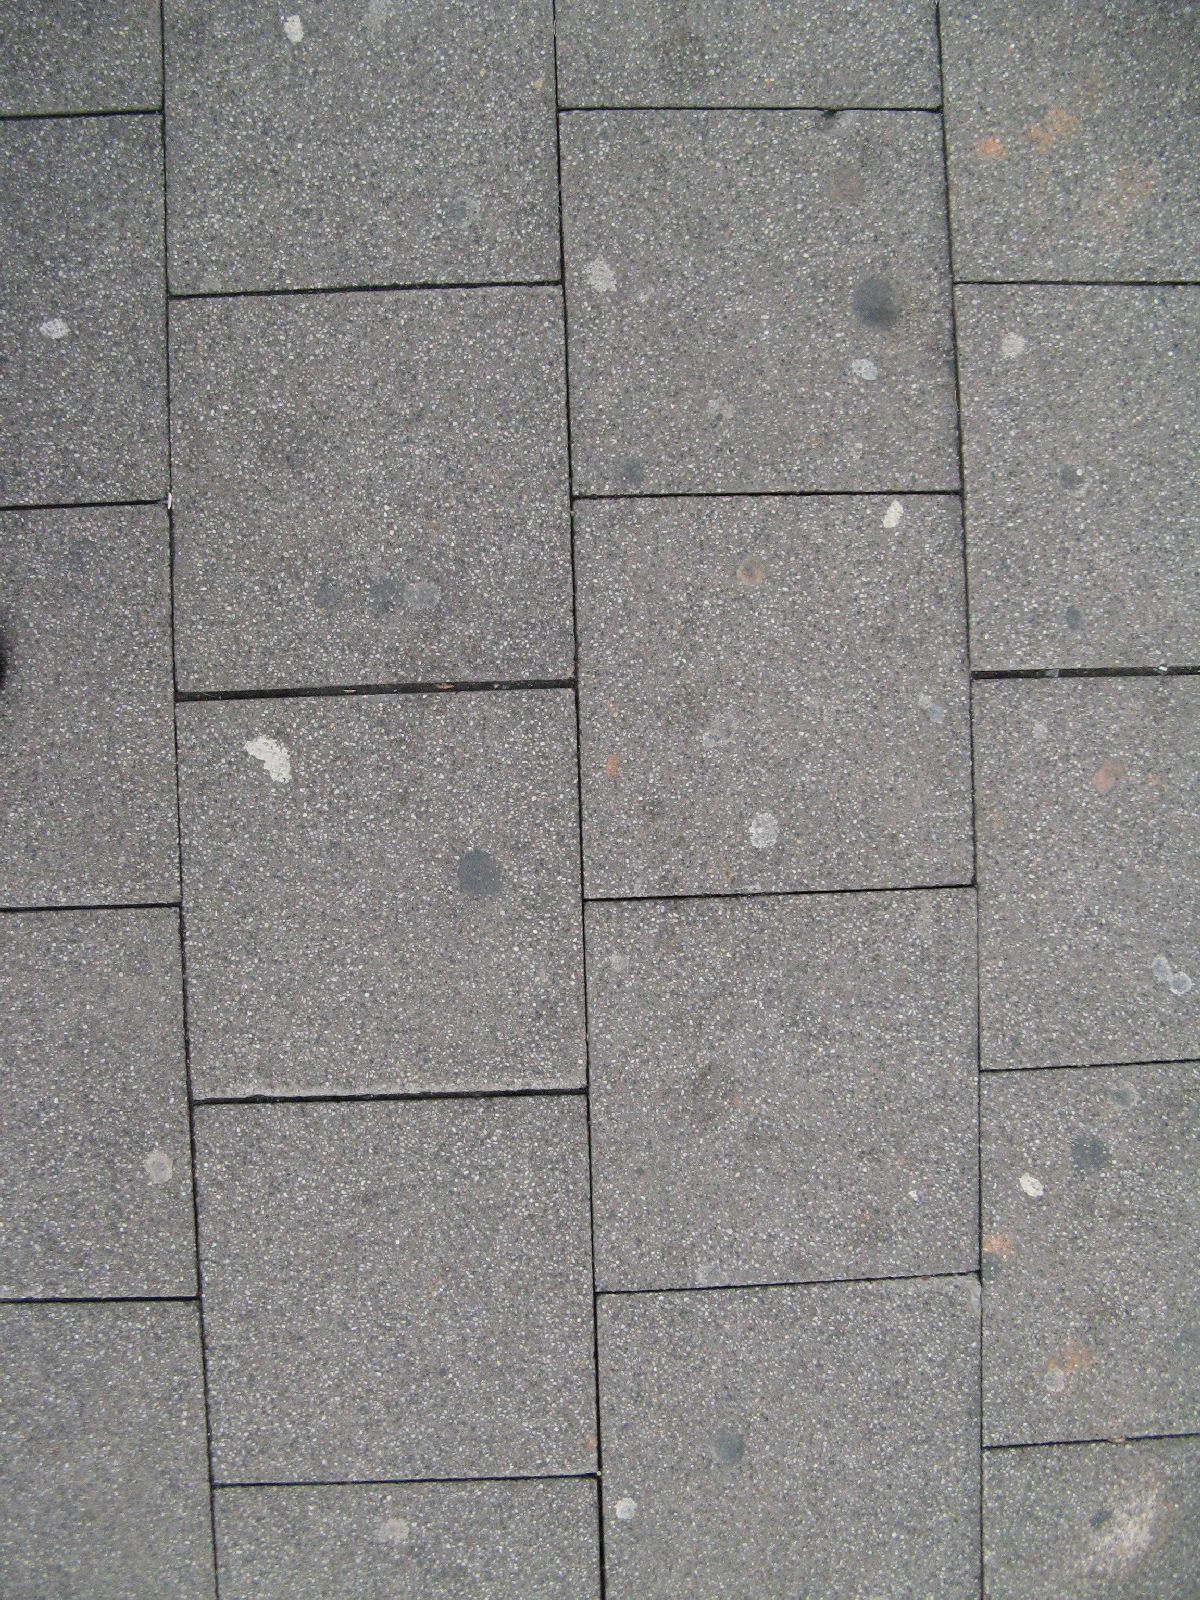 Boden-Gehweg-Strasse-Buergersteig-Textur_B_02184